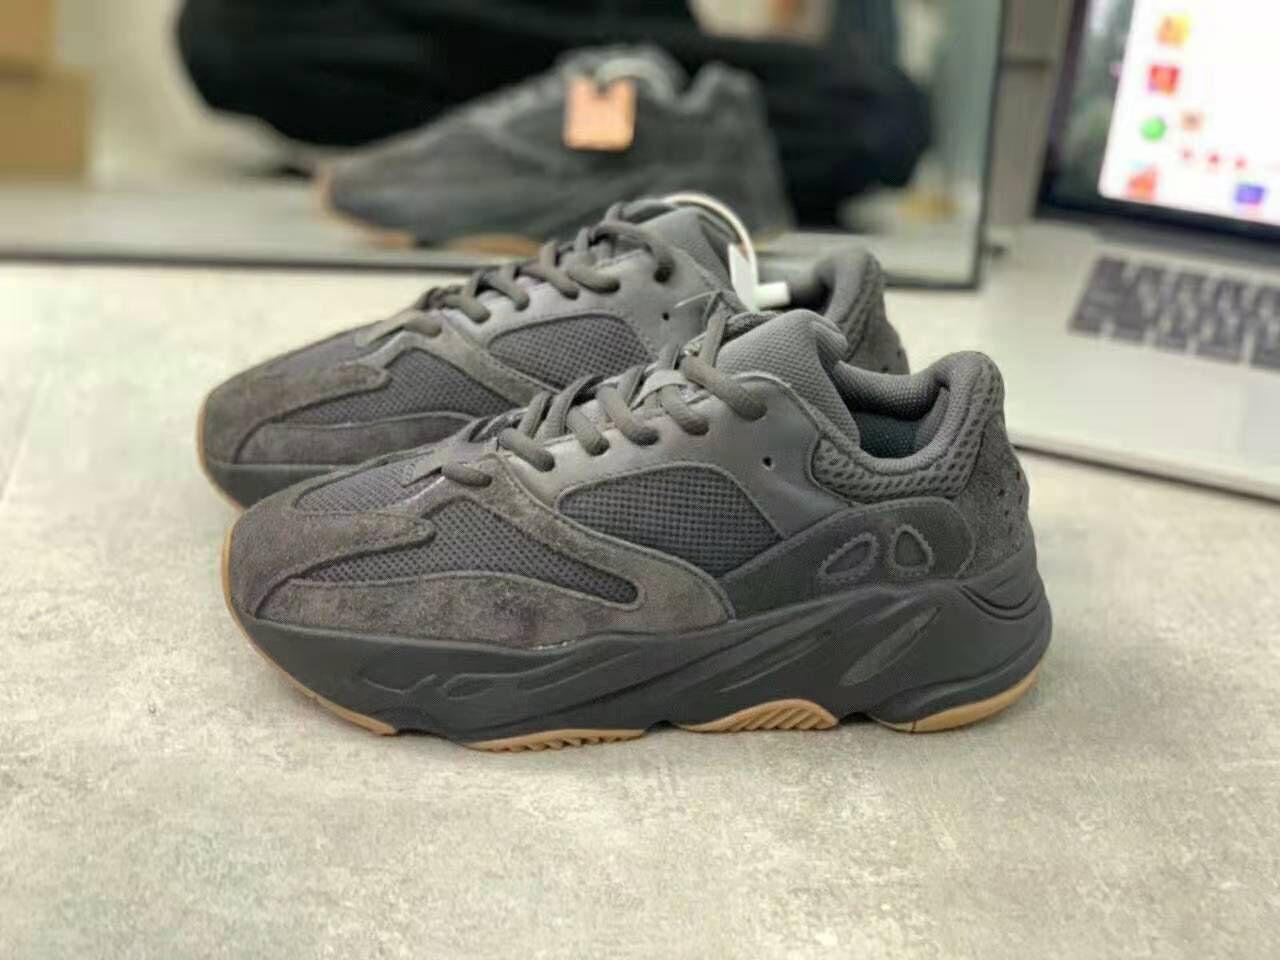 Tasarımcı Spor Ayakkabı Mens 009 Koşu Ayakkabı Sneakers Kadınlar Için Siyah Beyaz Mavi Yastık Eğitmenler Koşu yüksek kalite Atletik Run Programı